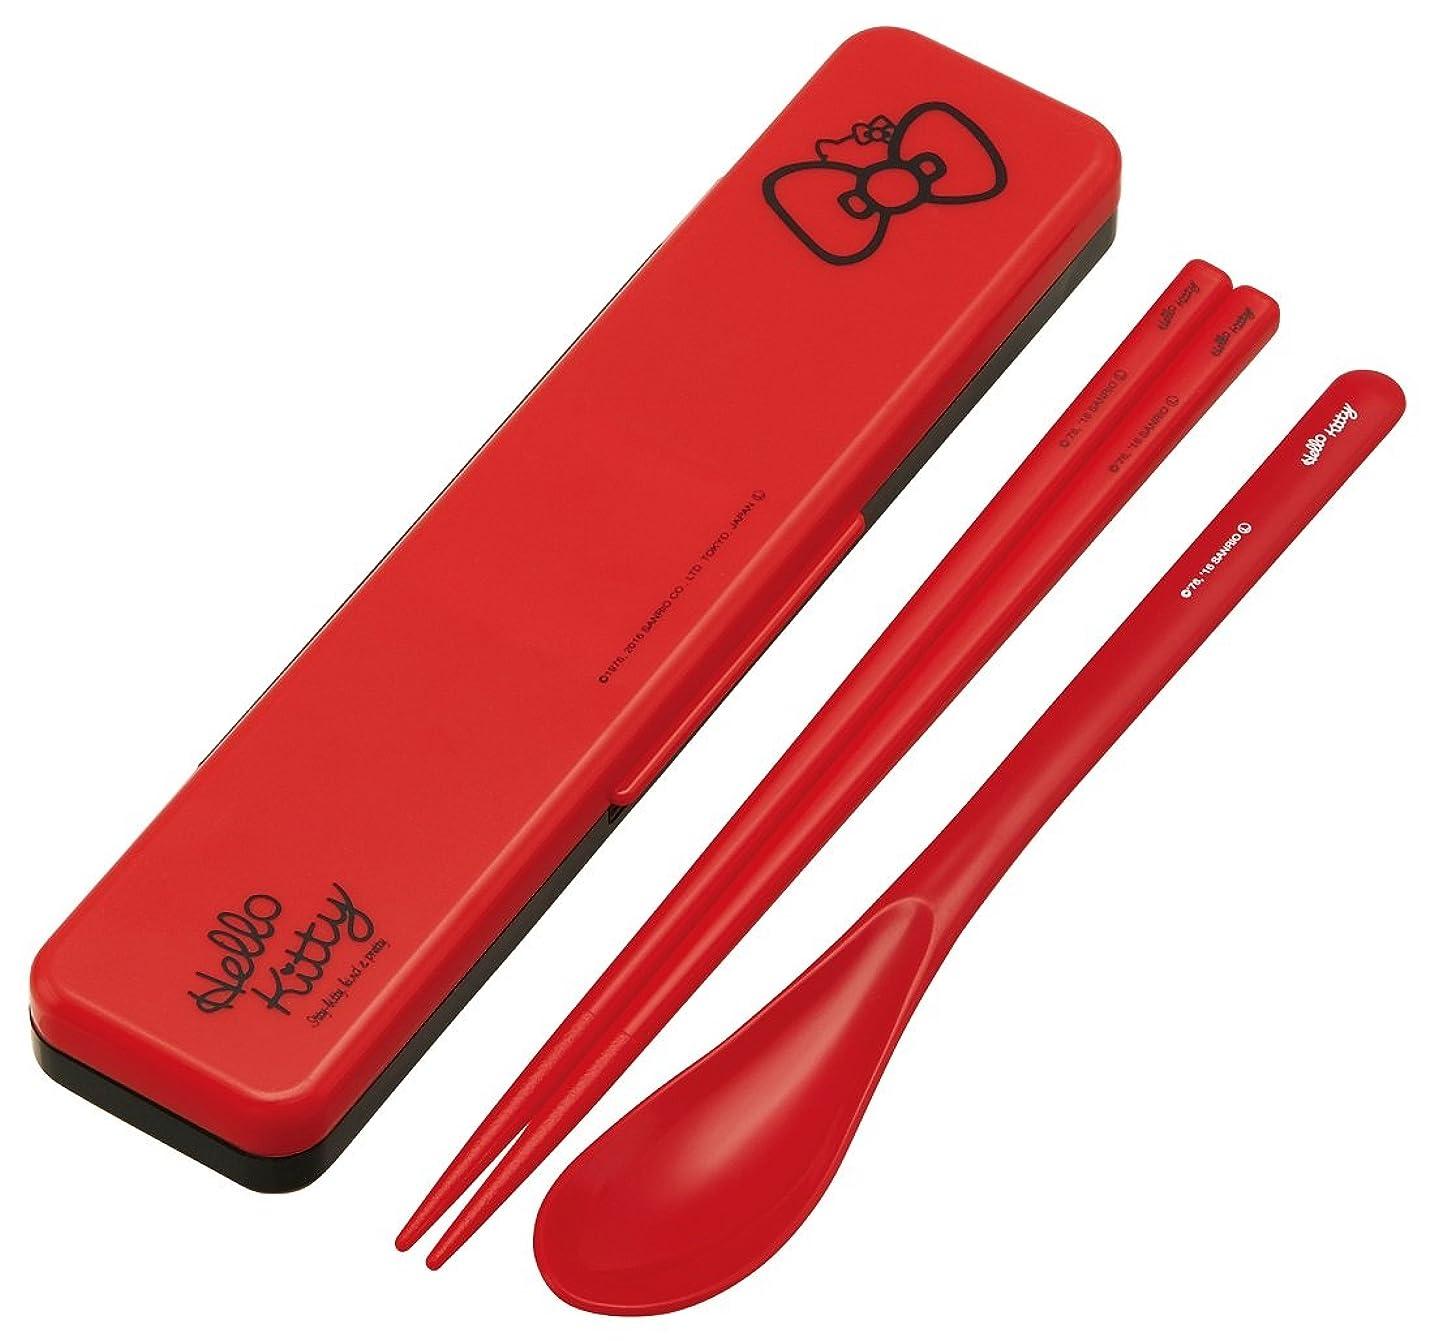 材料学者郡ネコポス 食洗器対応 お箸 スプーン フォーク 3点セット ケース付き お弁当 給食 ランチ